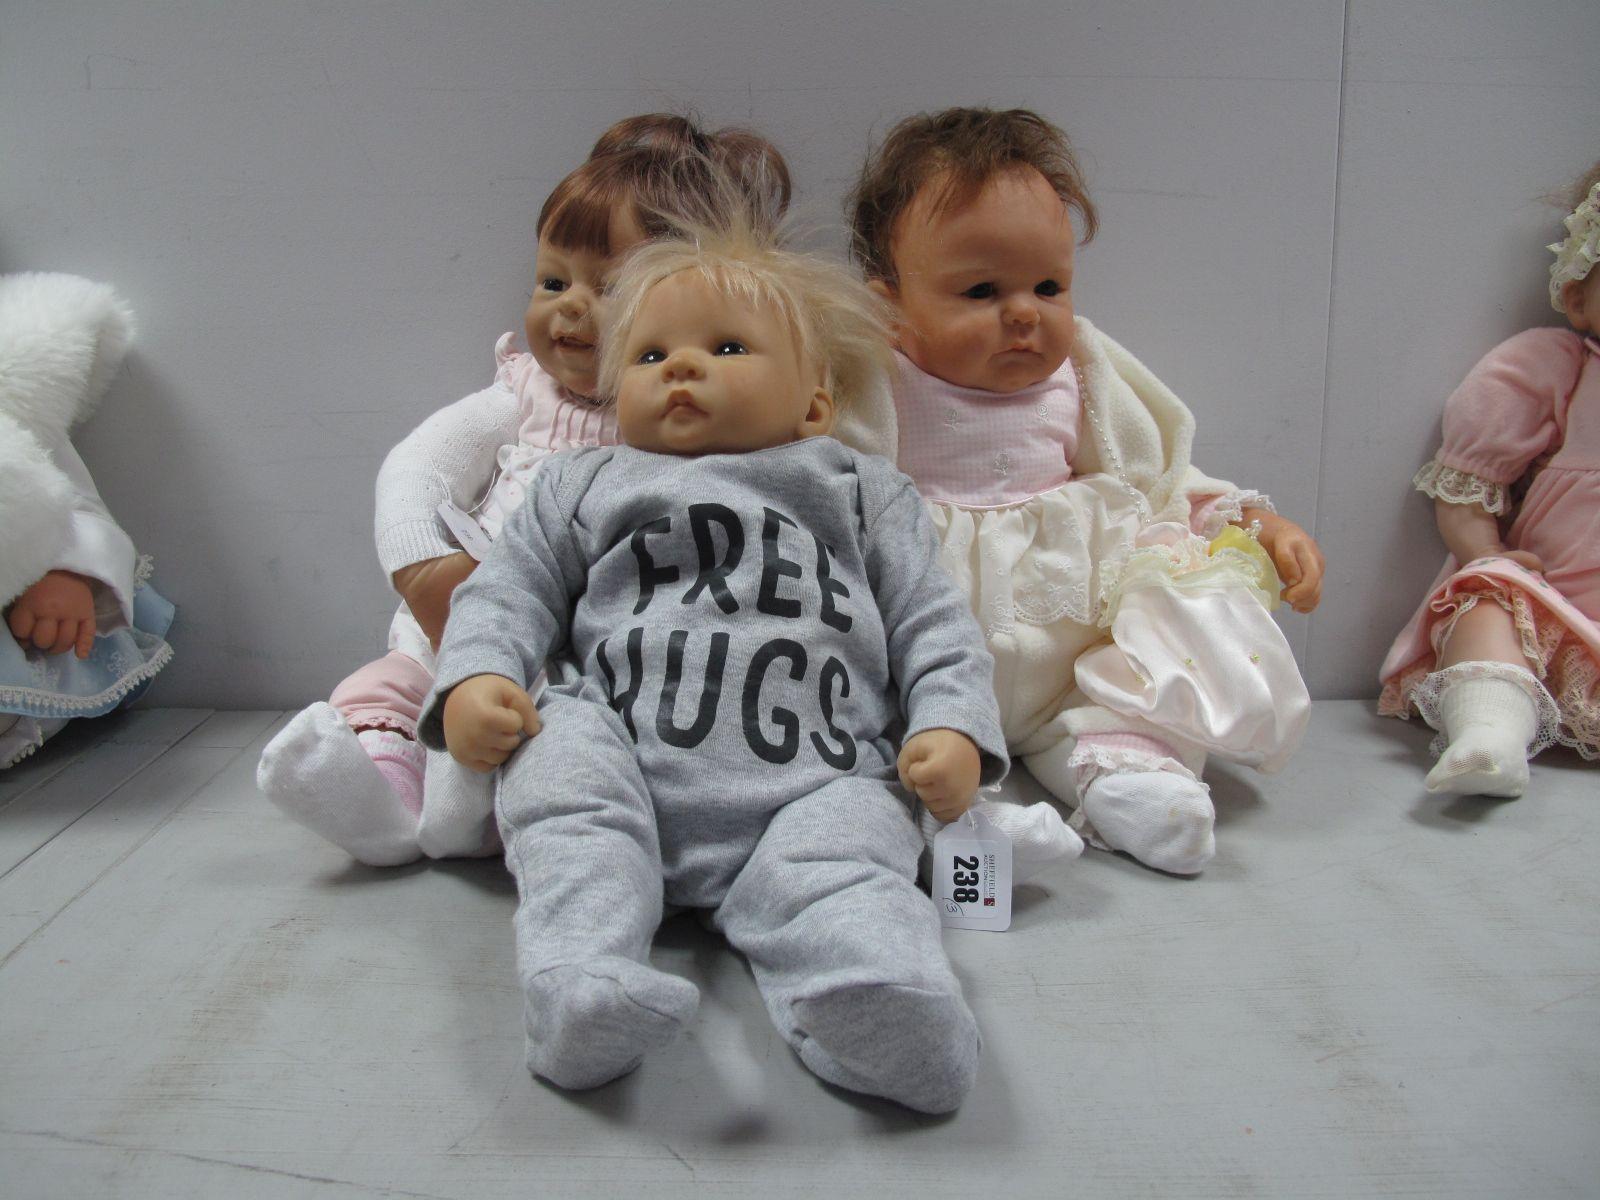 A N De Man Baby Doll, impressed 1799, 41cm high, a Rolanda Heiner baby girl doll, impressed 18, 6,